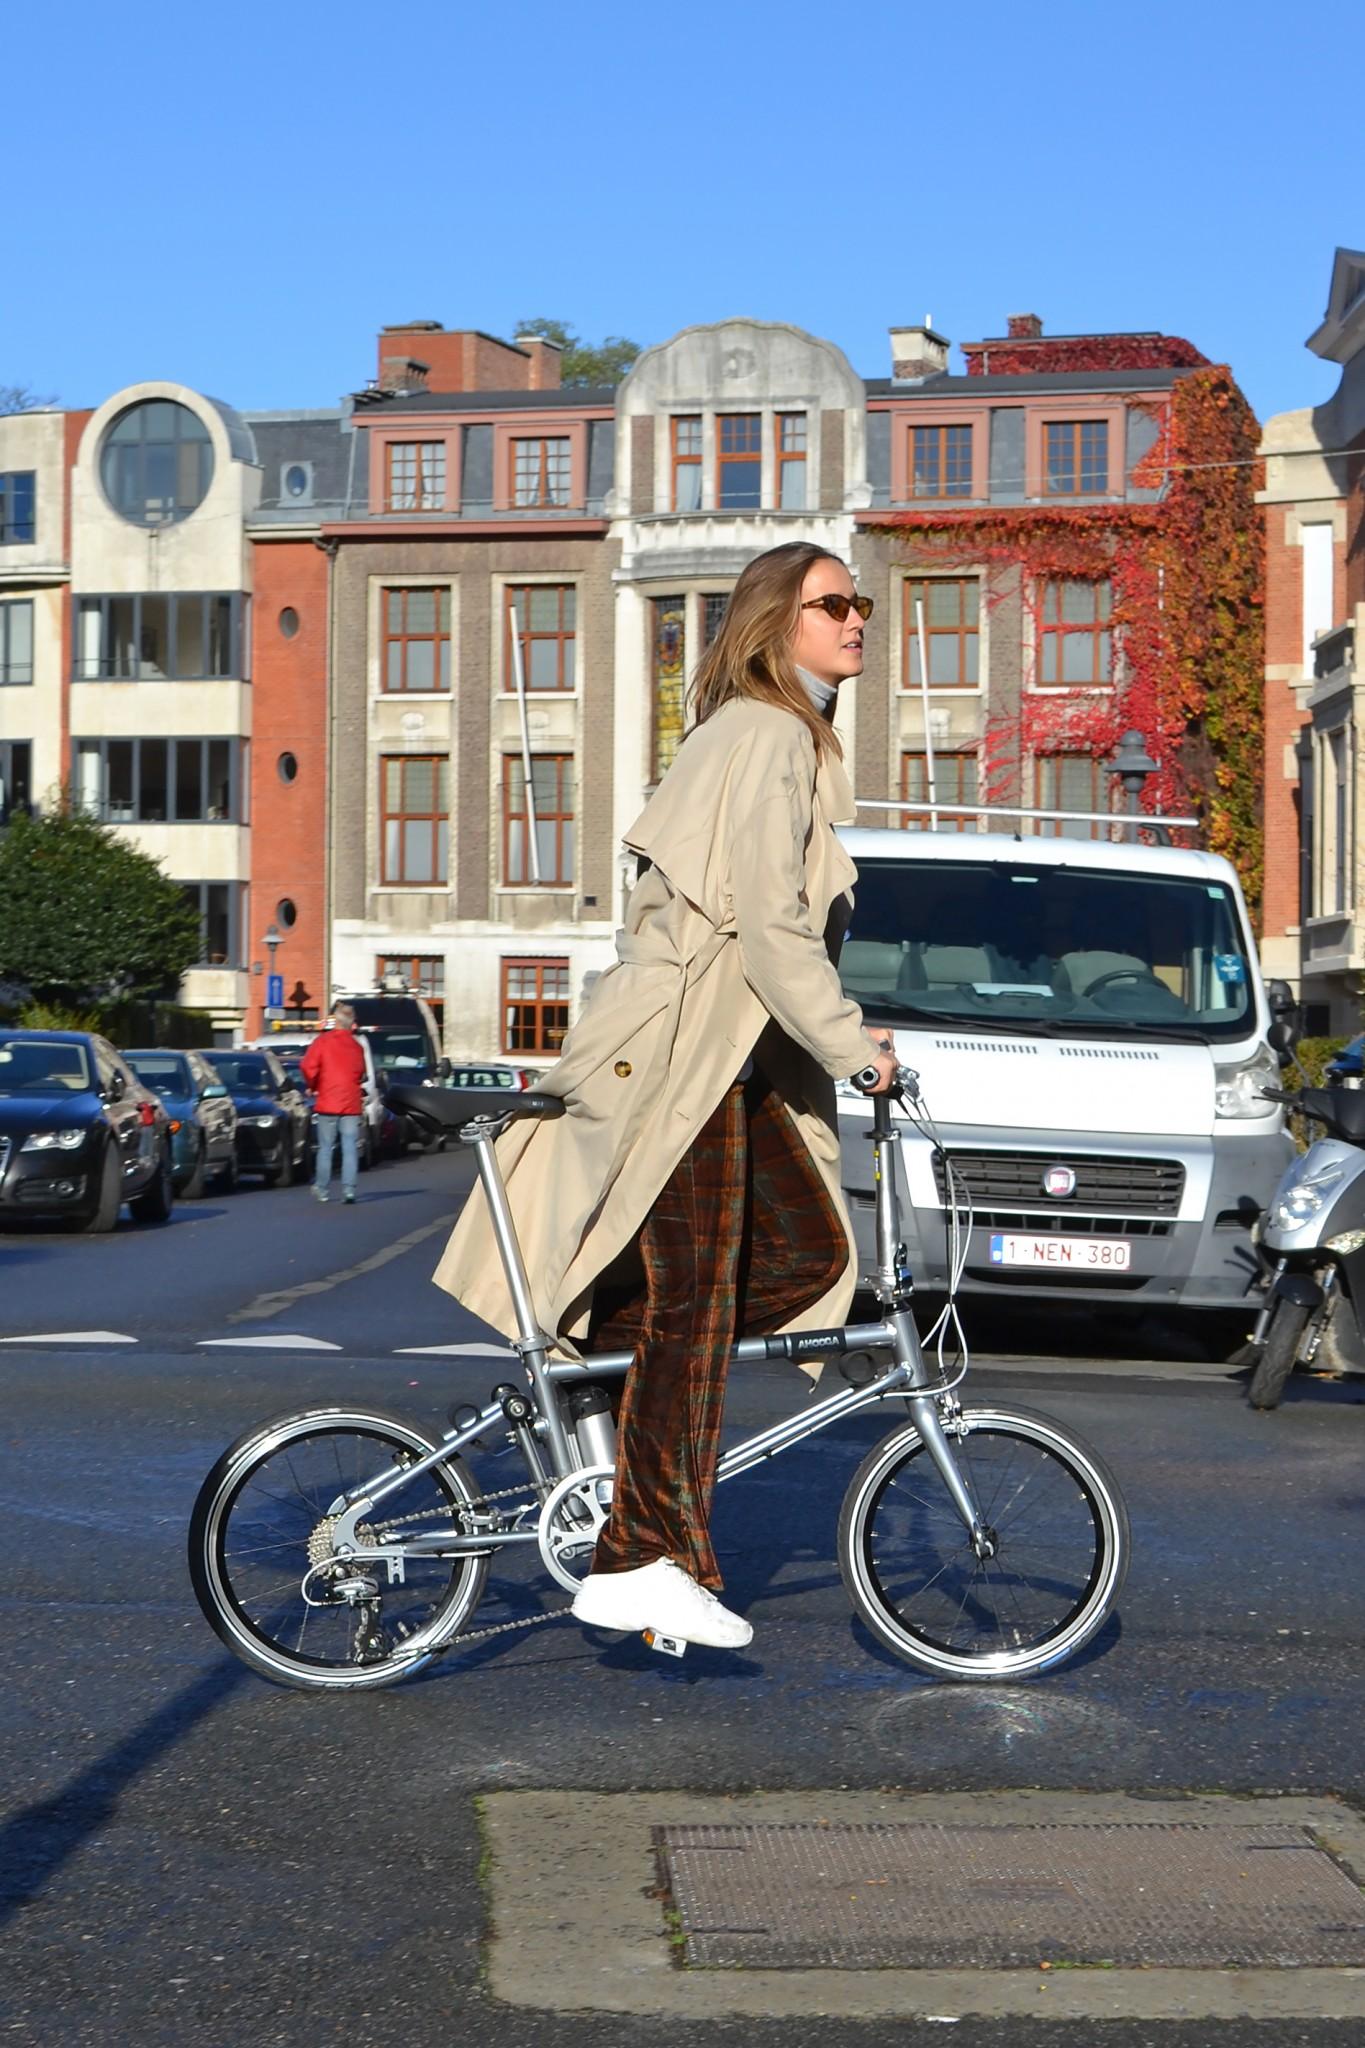 Ahooga vouwfiets kopen Antwerpen